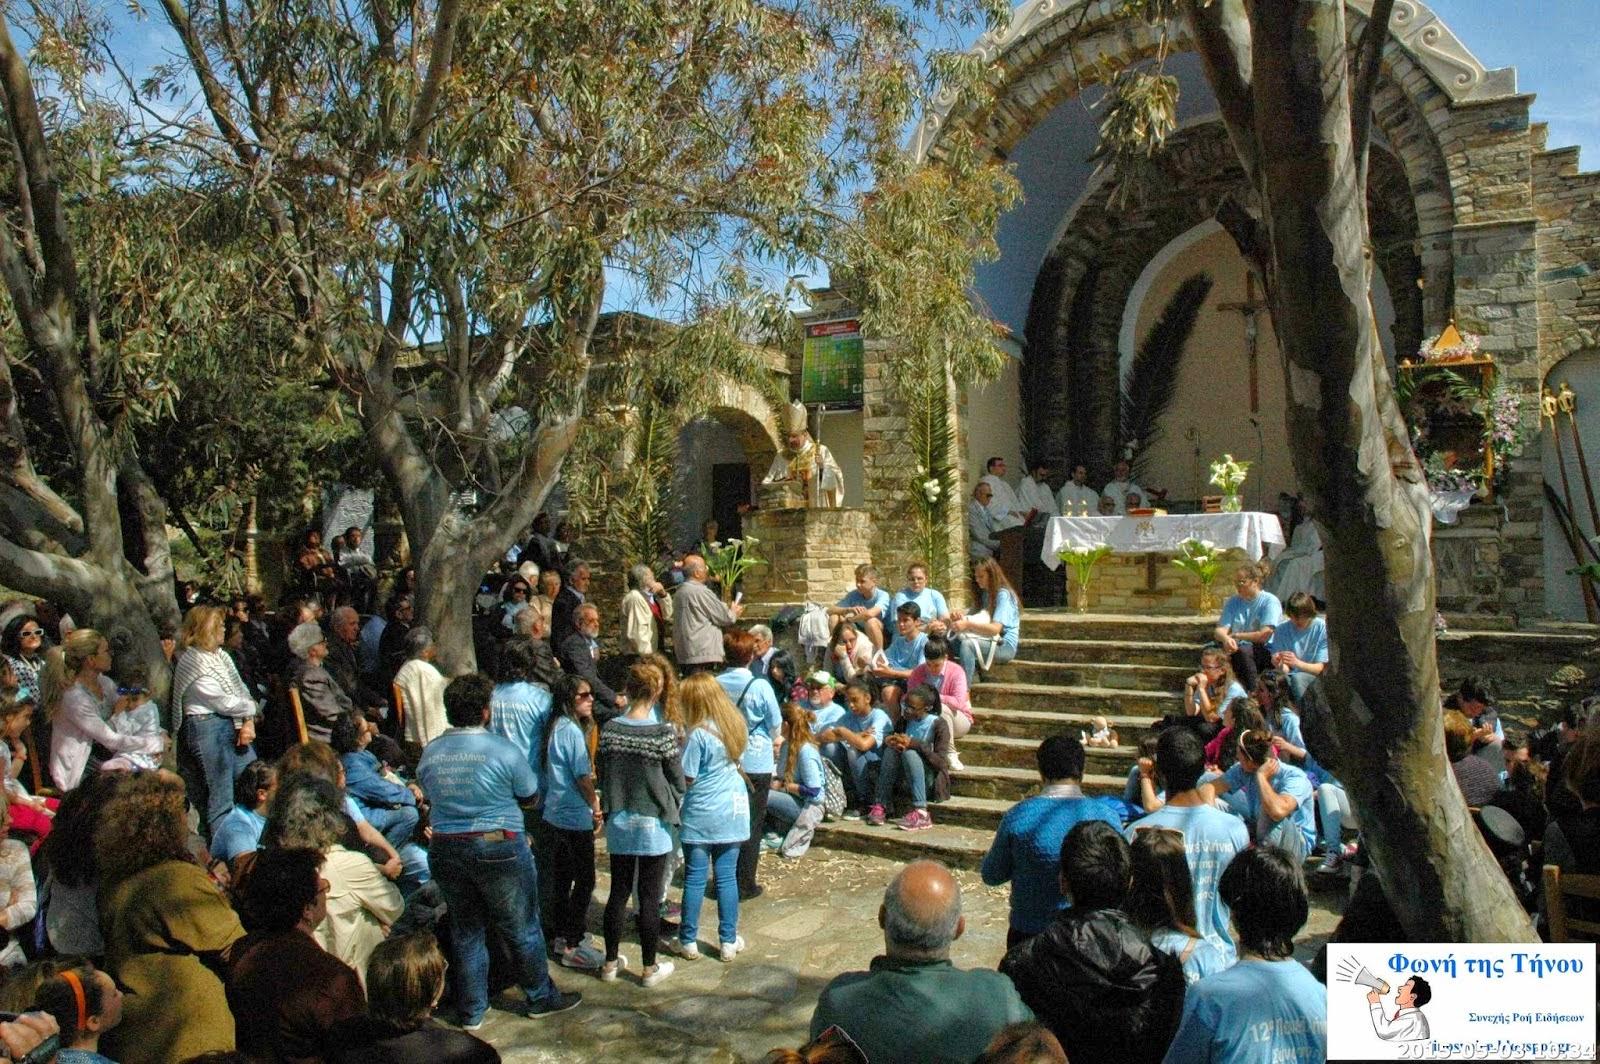 Πανηγυρικός εορτασμός κοίμησης και μετάστασης της Θεοτόκου στο Βρυσή της Τήνου